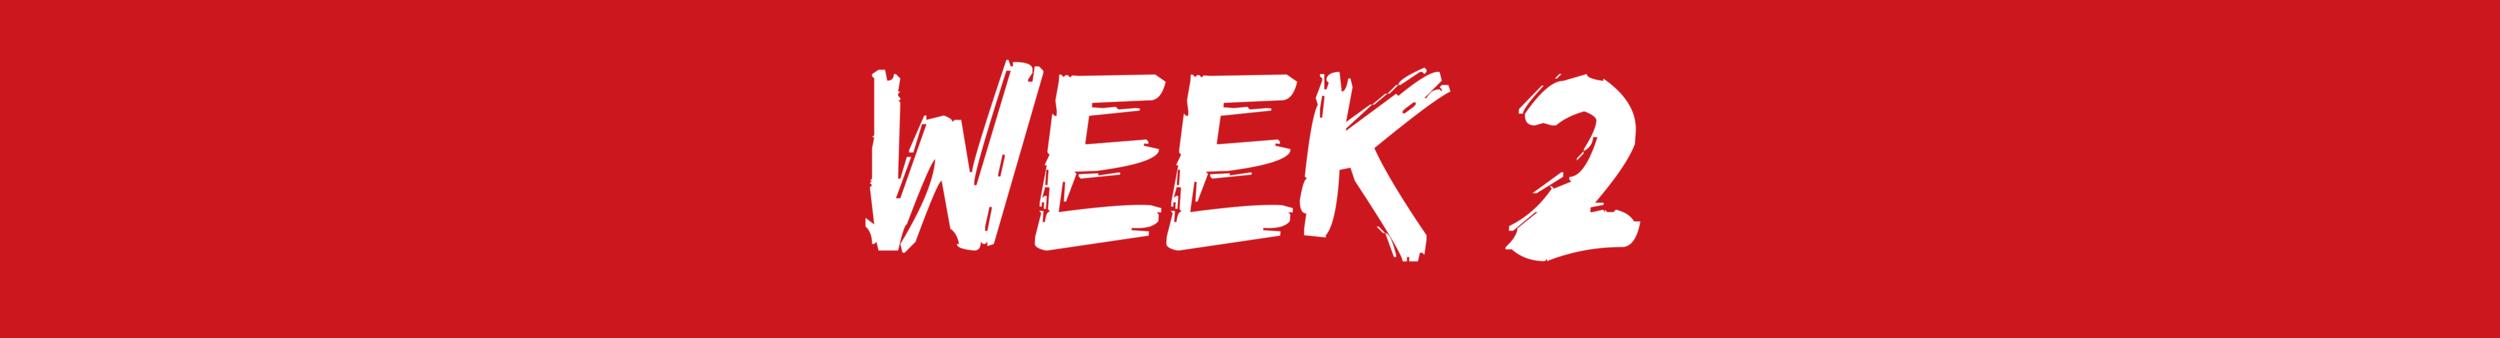 LCA4R week 2.png